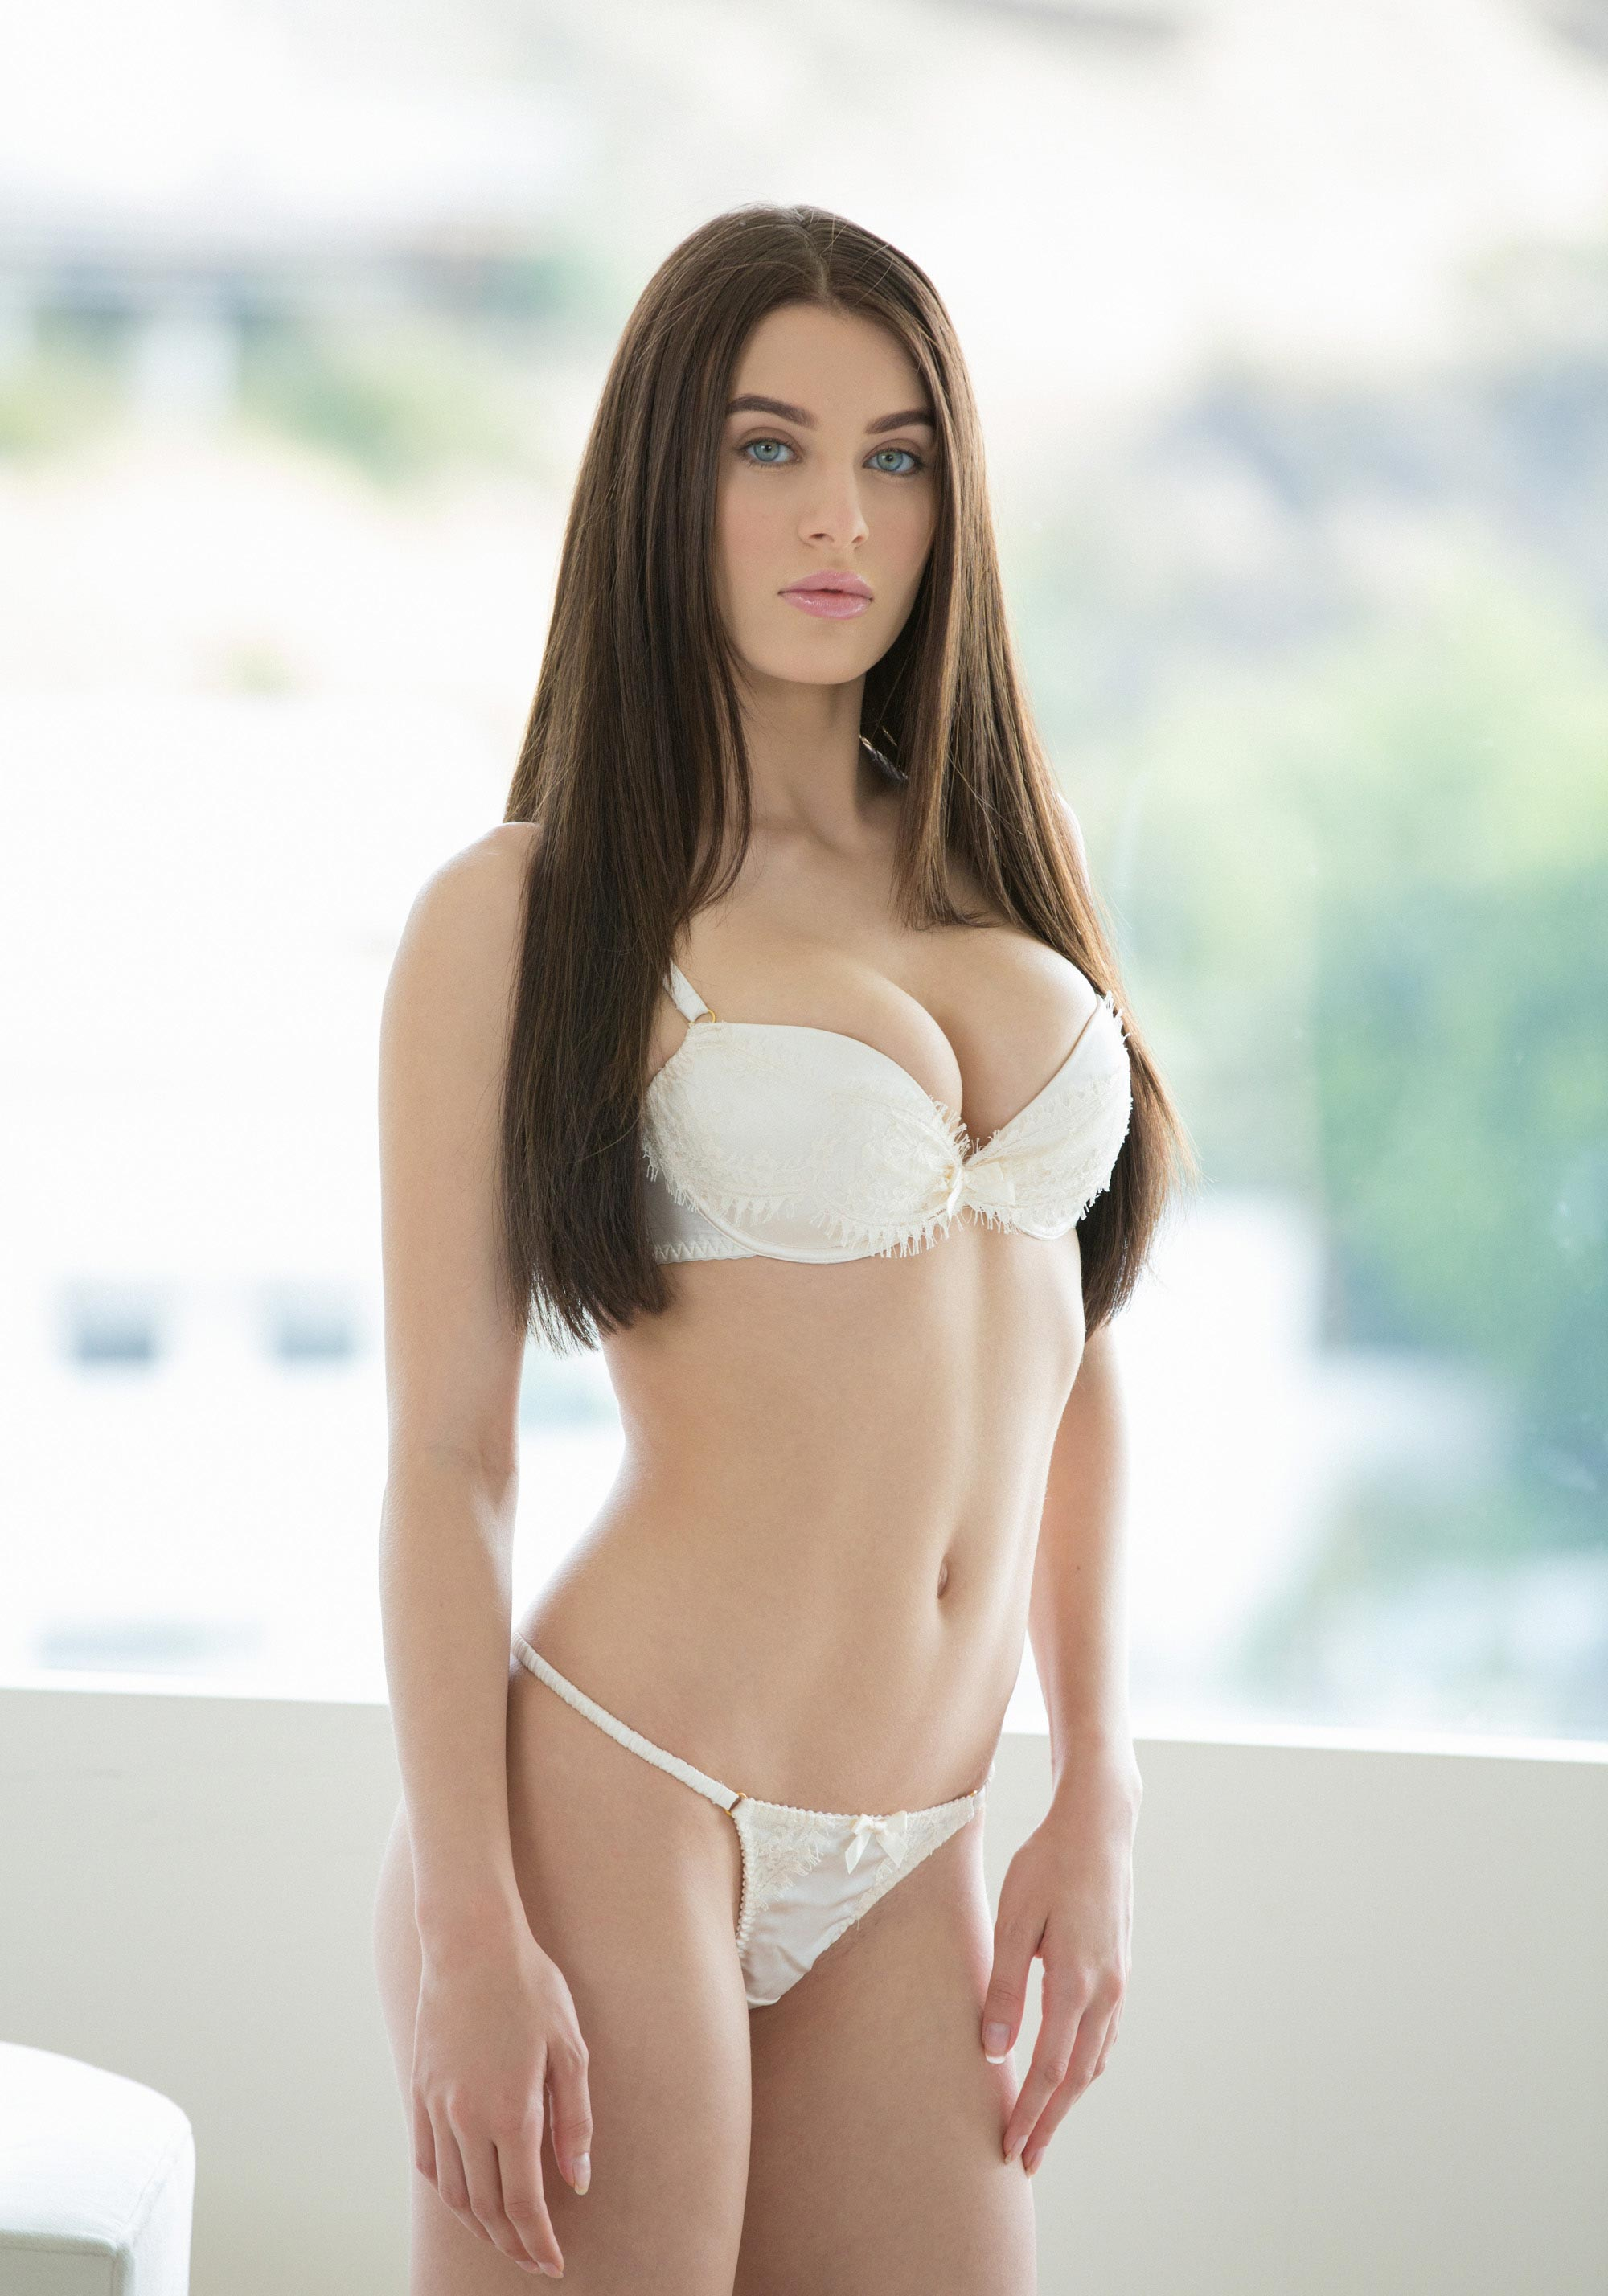 Lana Rhoades en lingerie